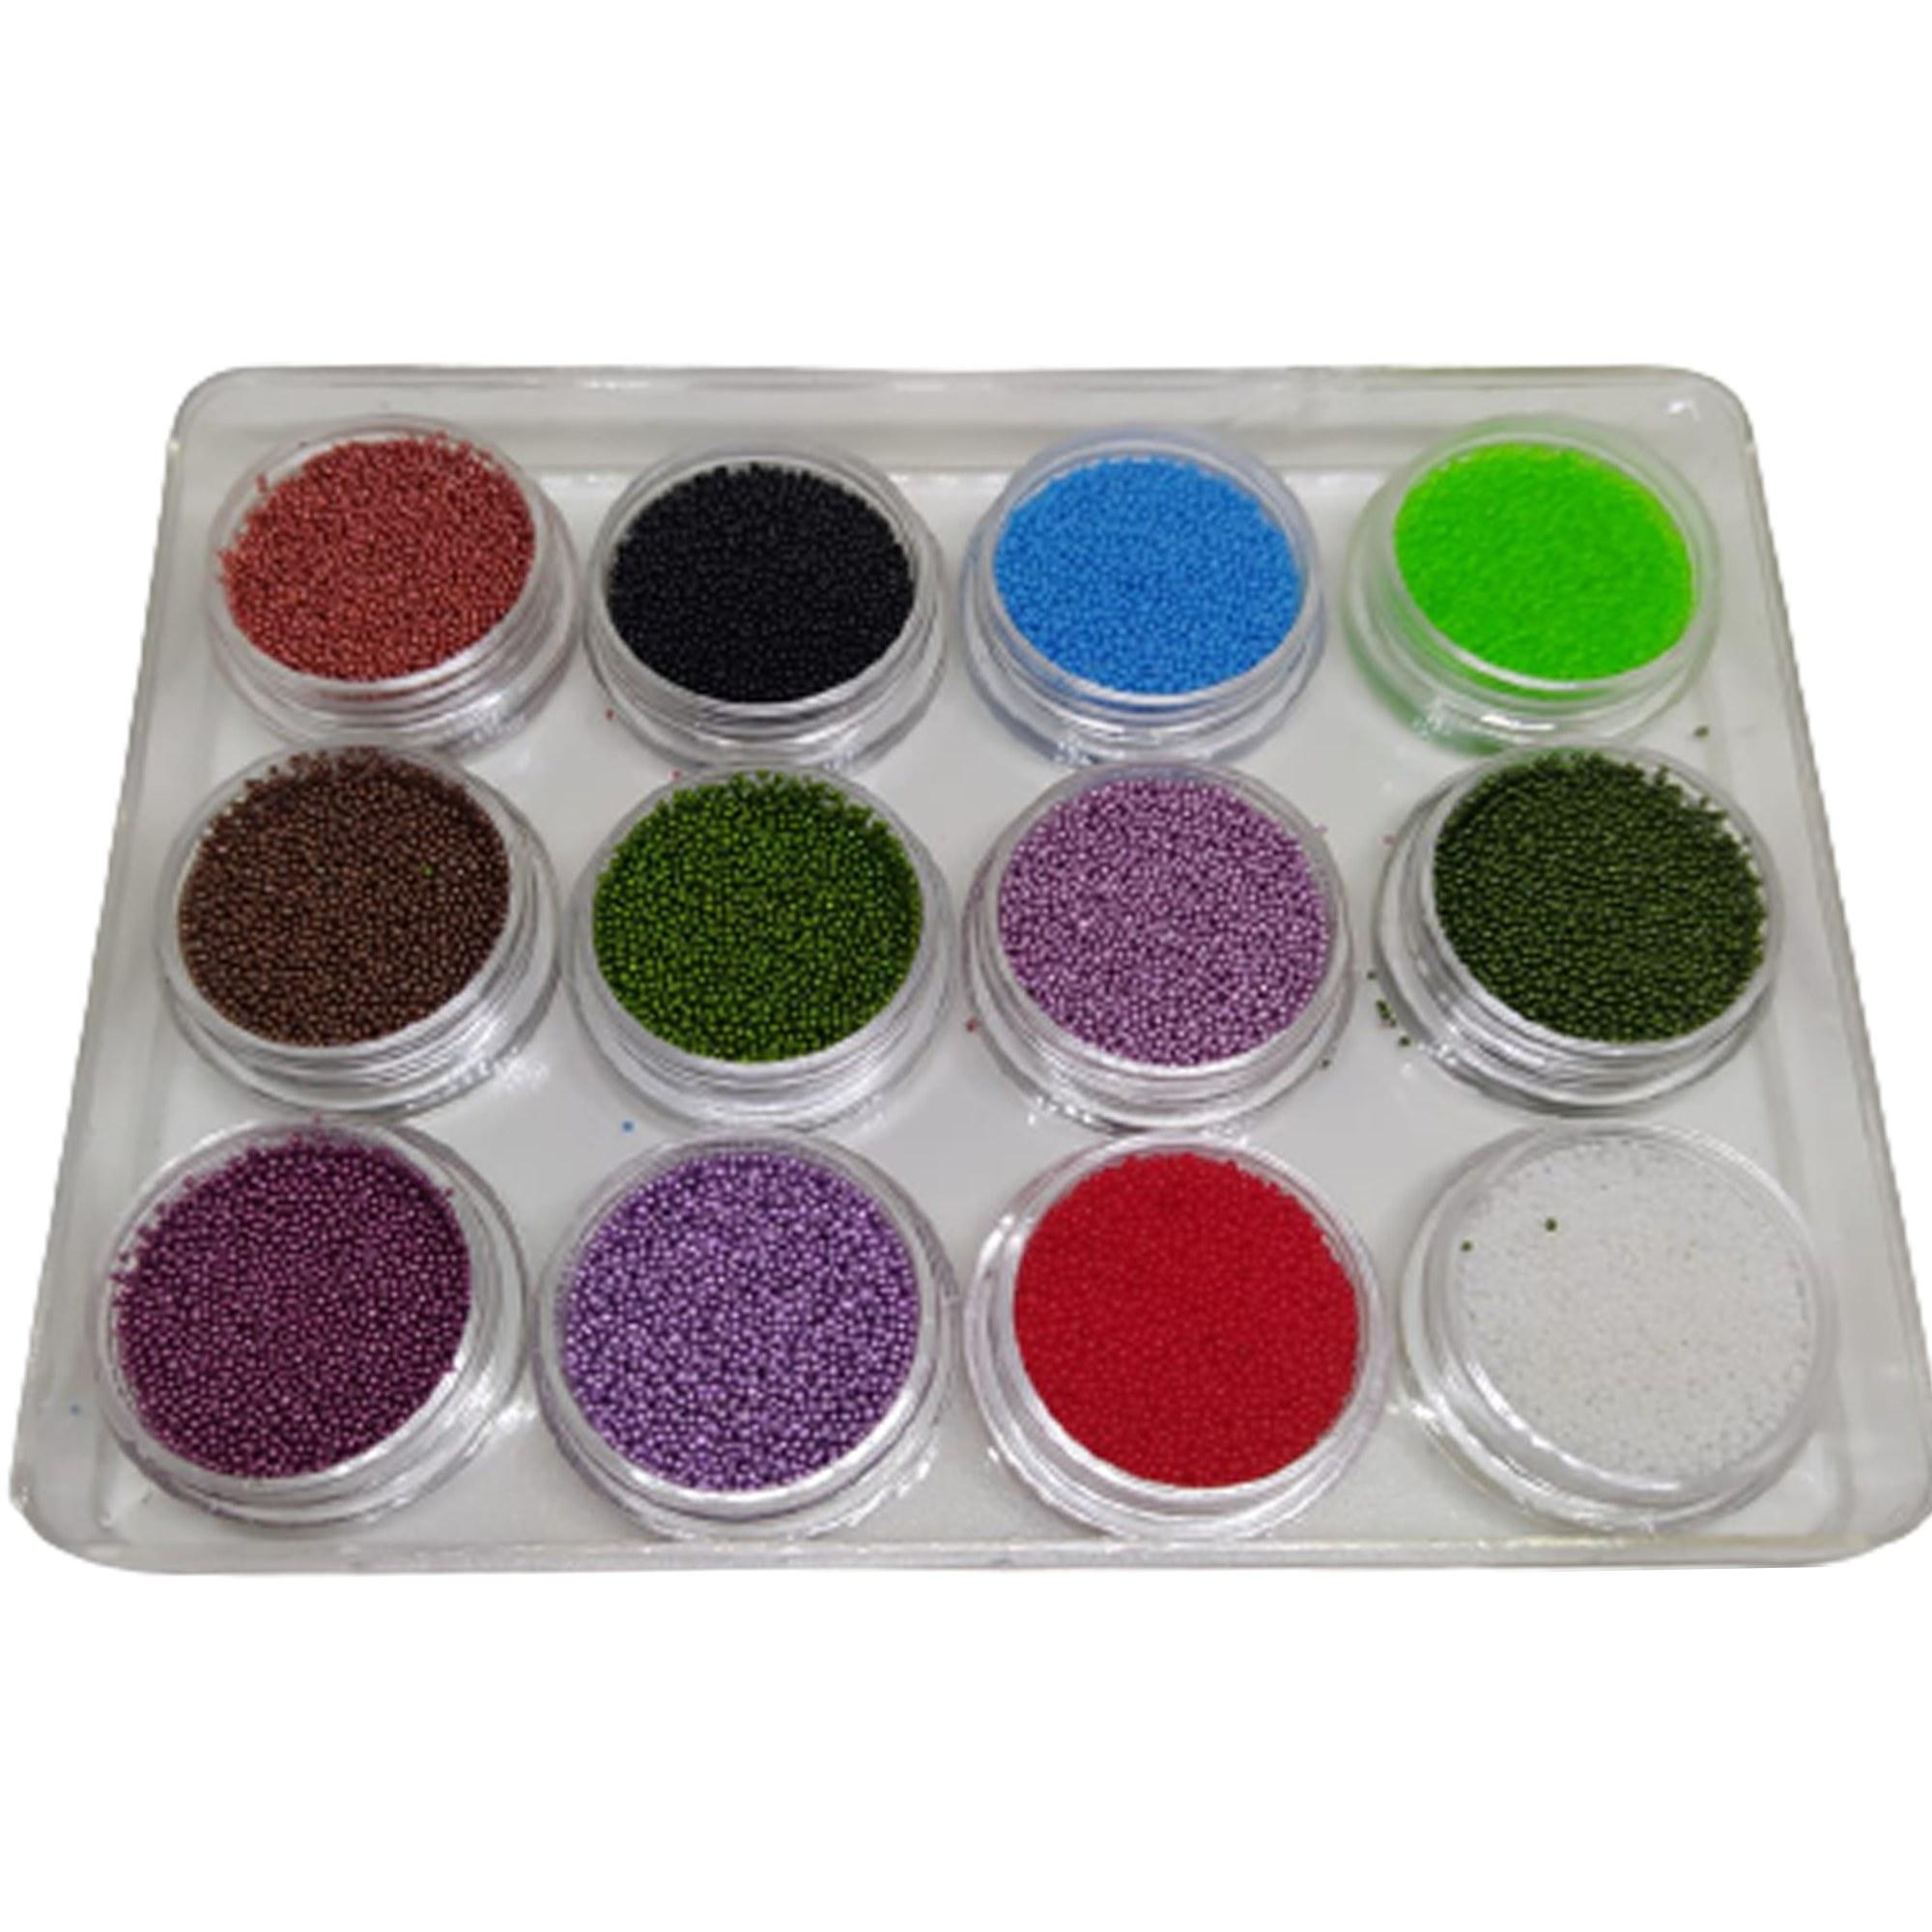 Kit Caviar com 12 cores